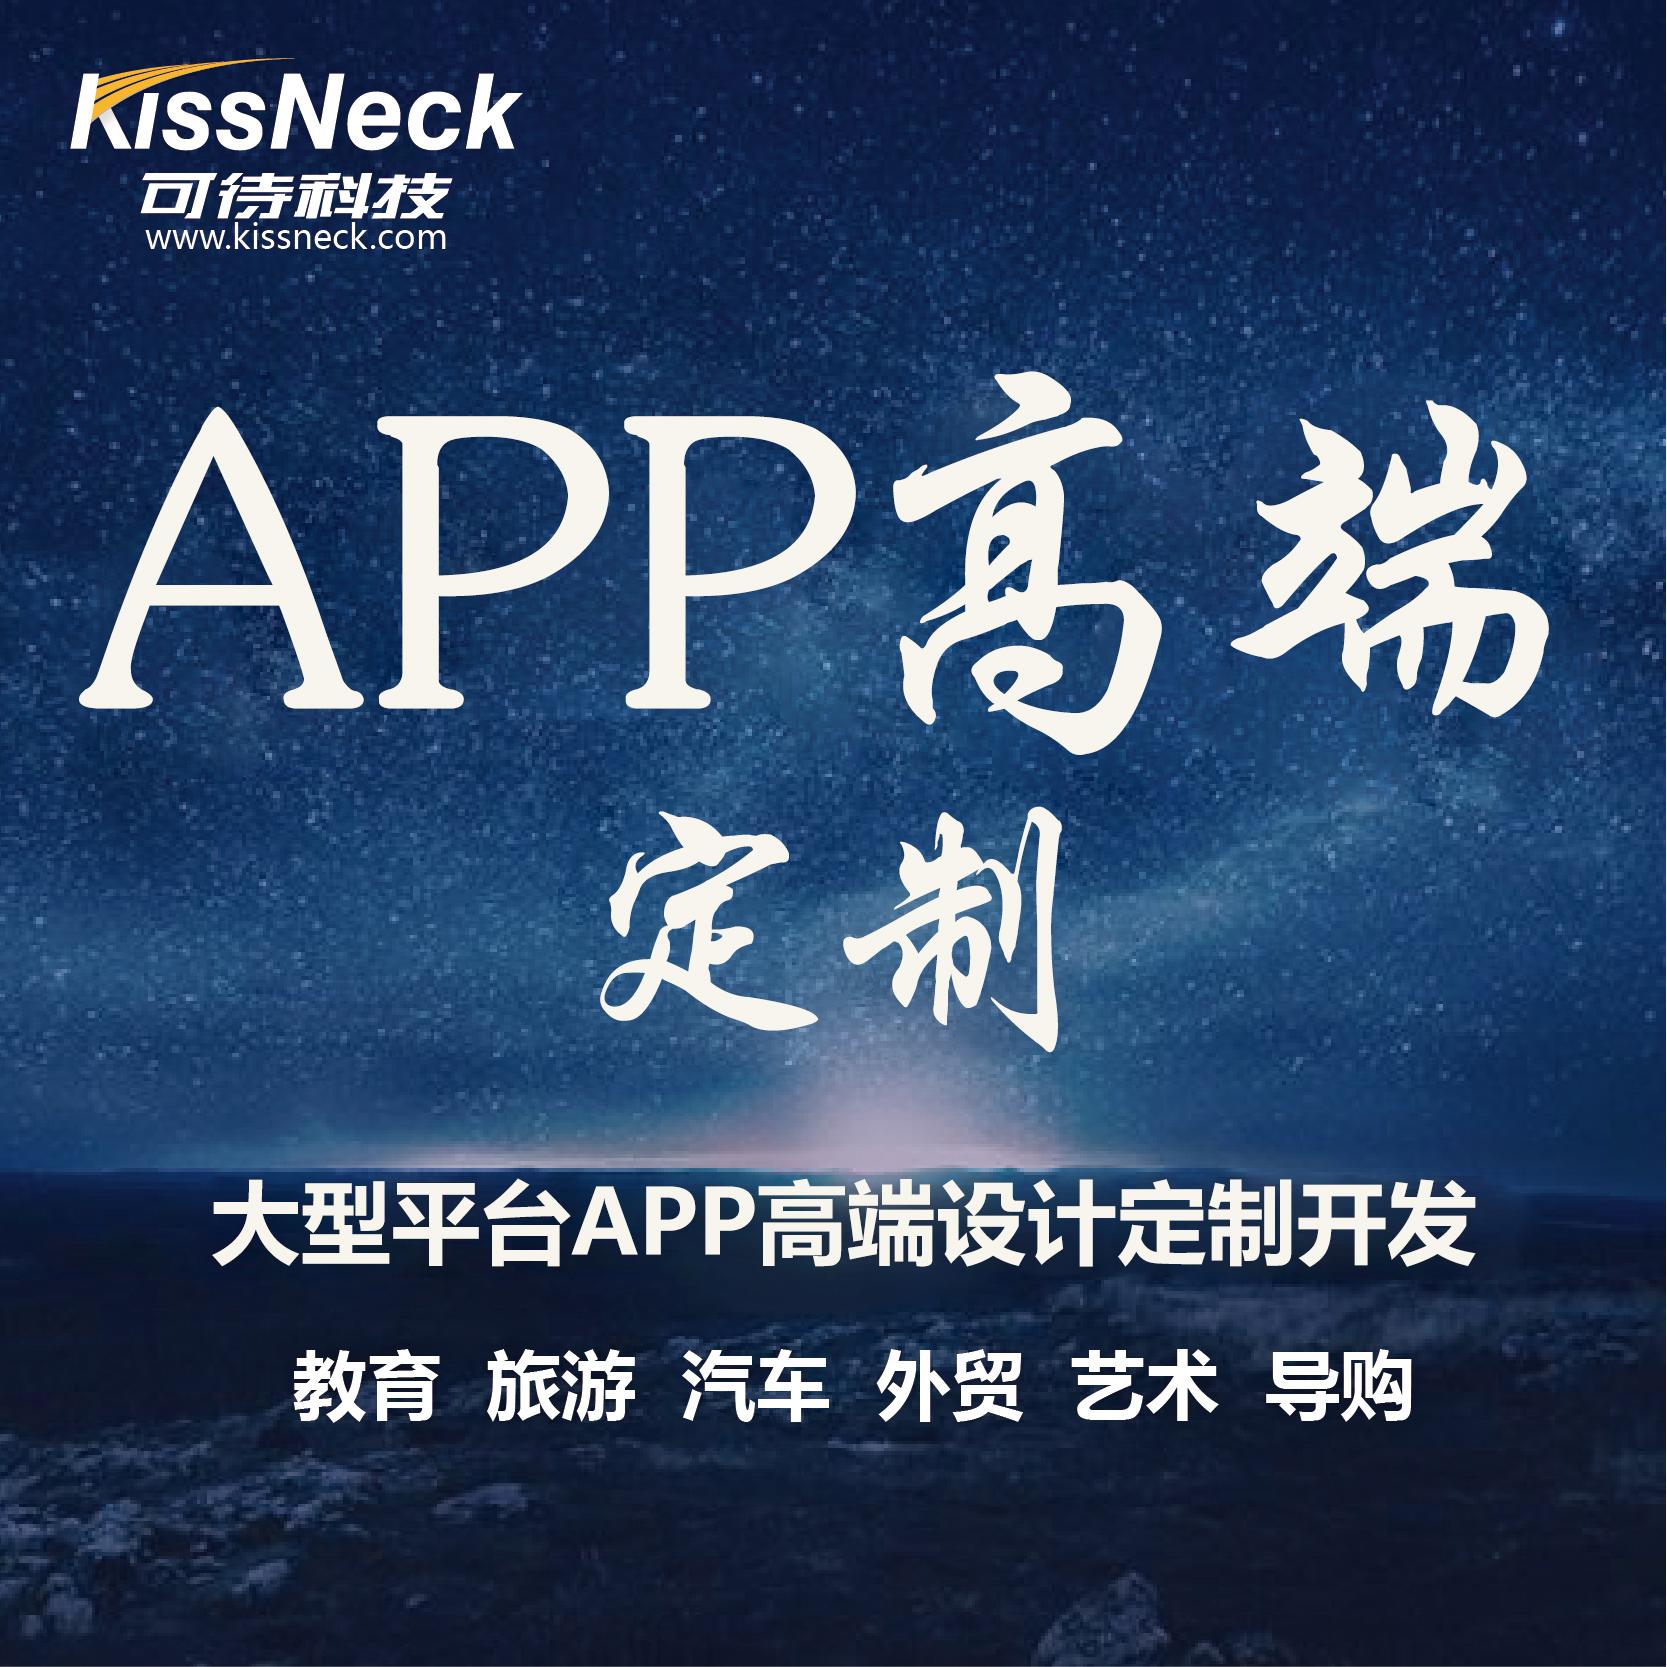 【可待云--APP高端定制】安卓 IOS系统APP定制开发 源码交付 专属产品经理 一对一设计